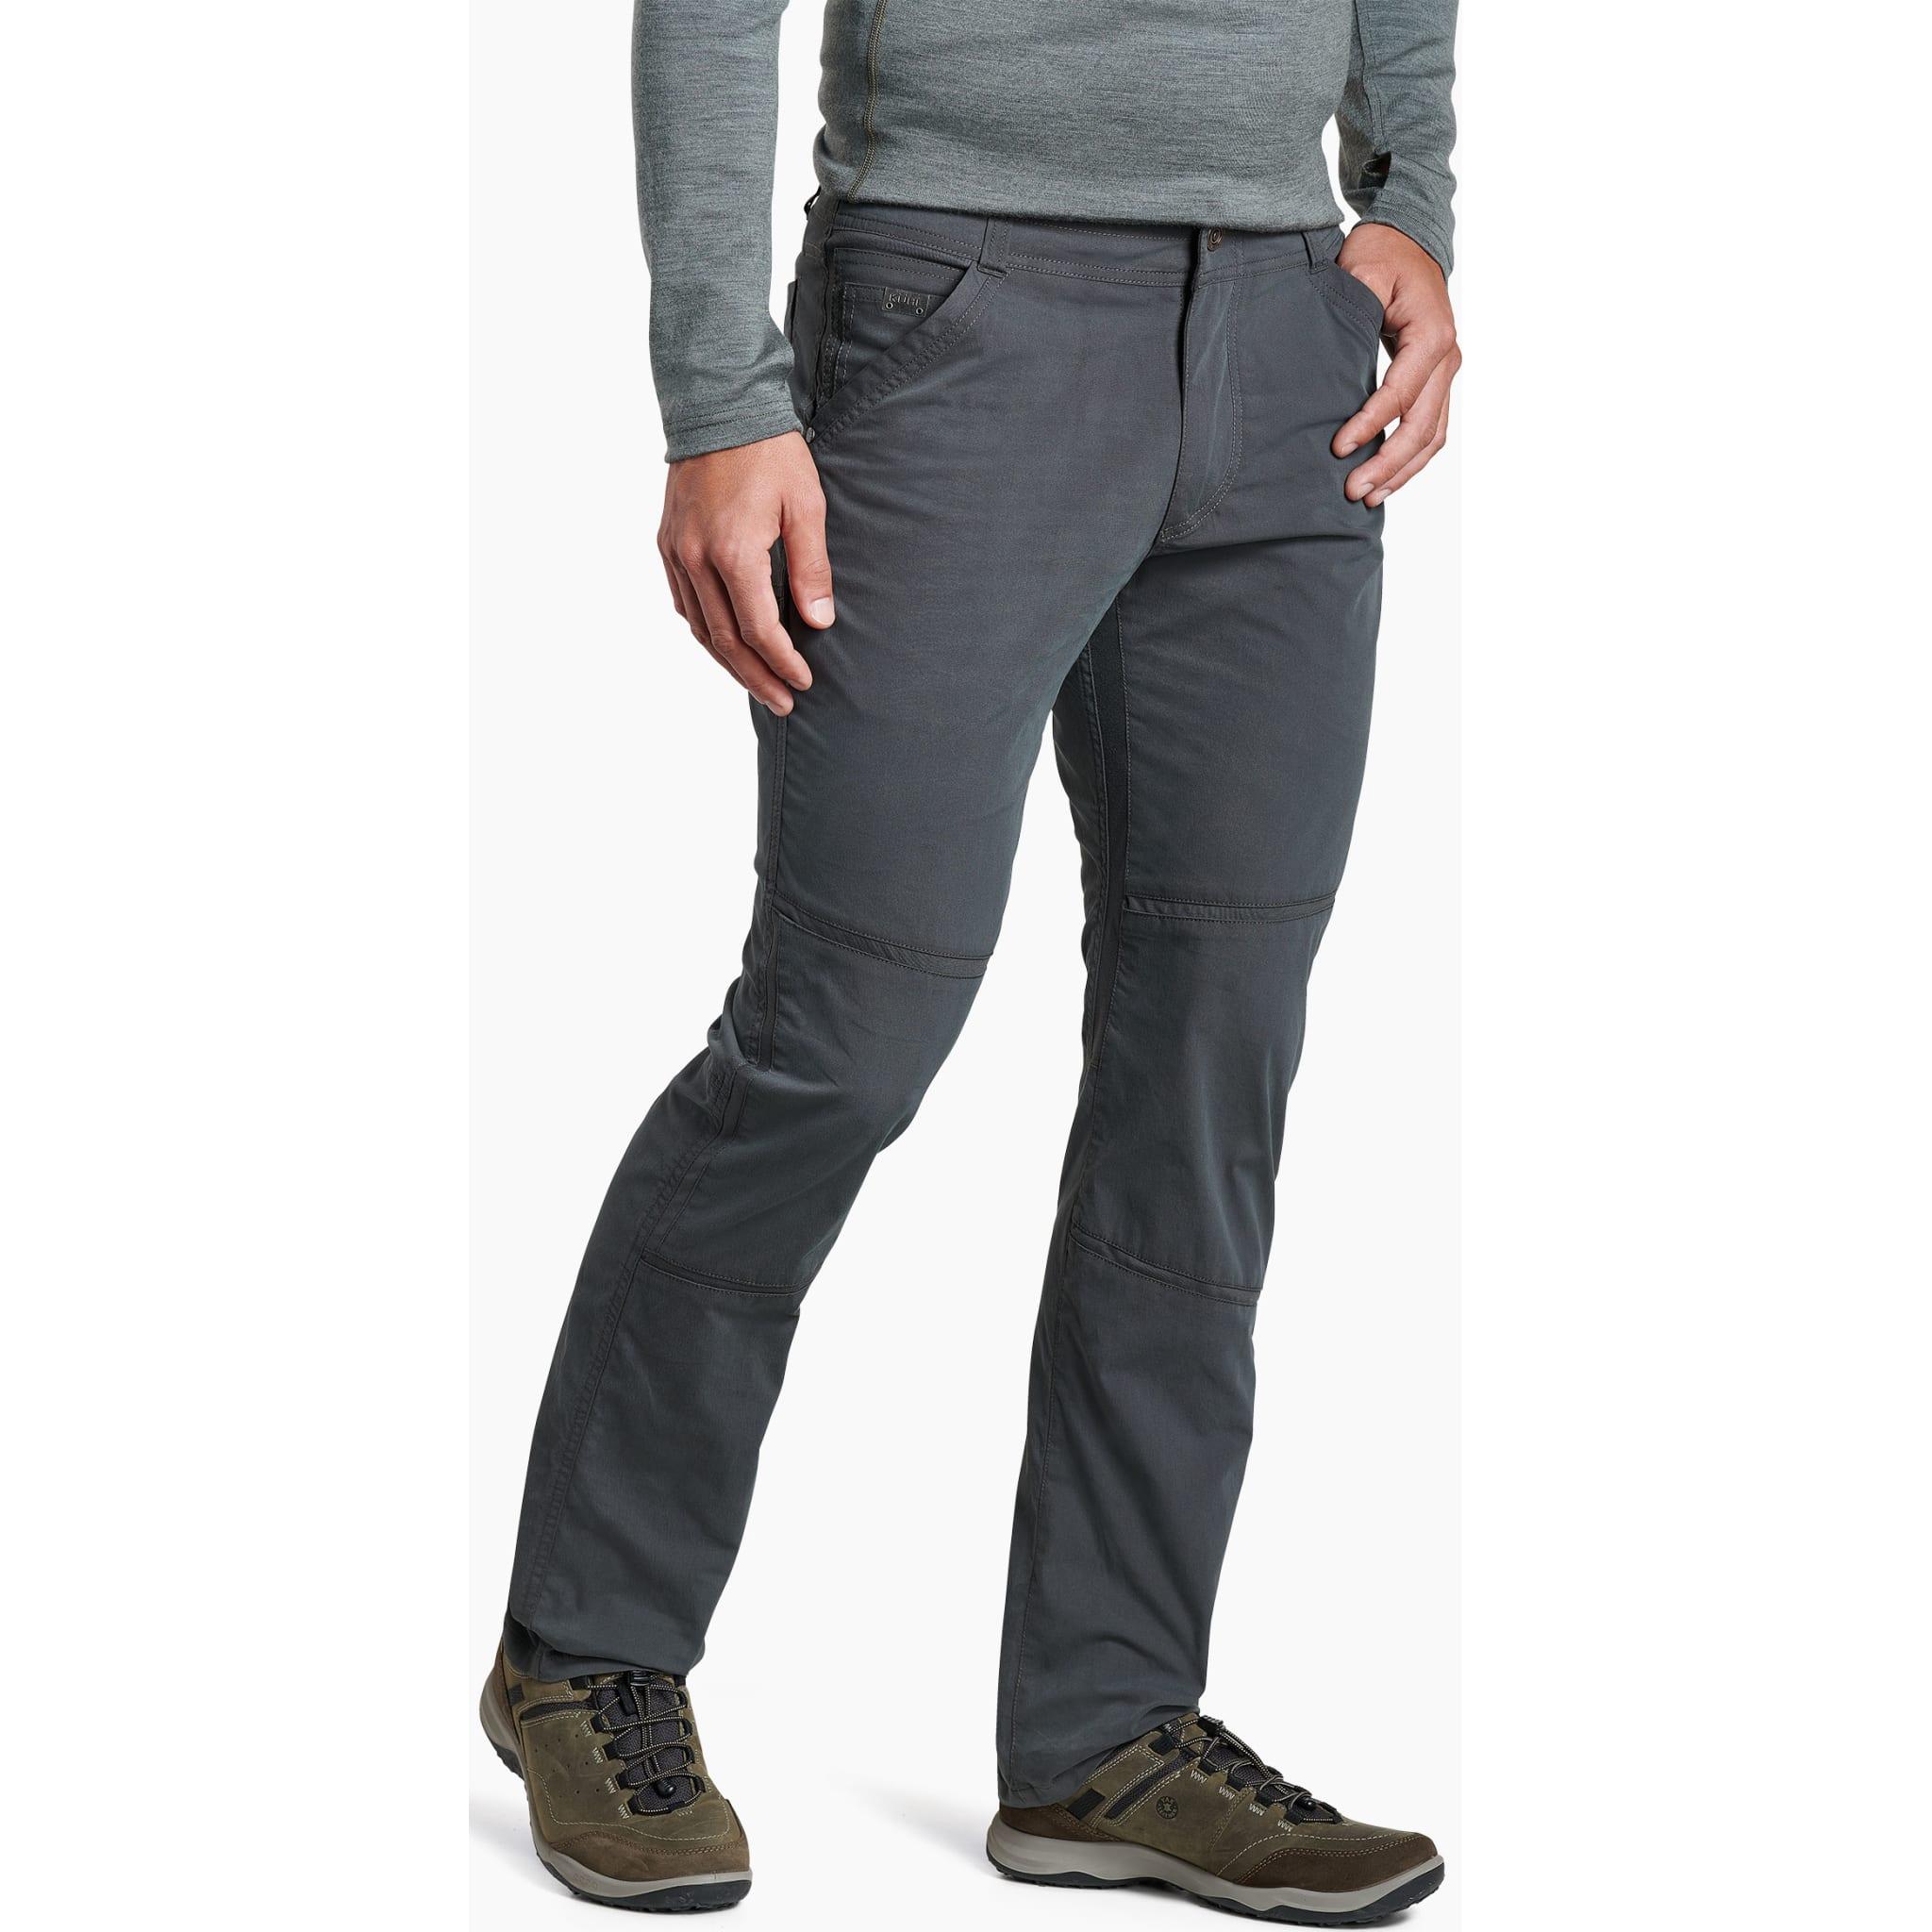 Lett, detaljerik og allsidig bukse til stort sett alt